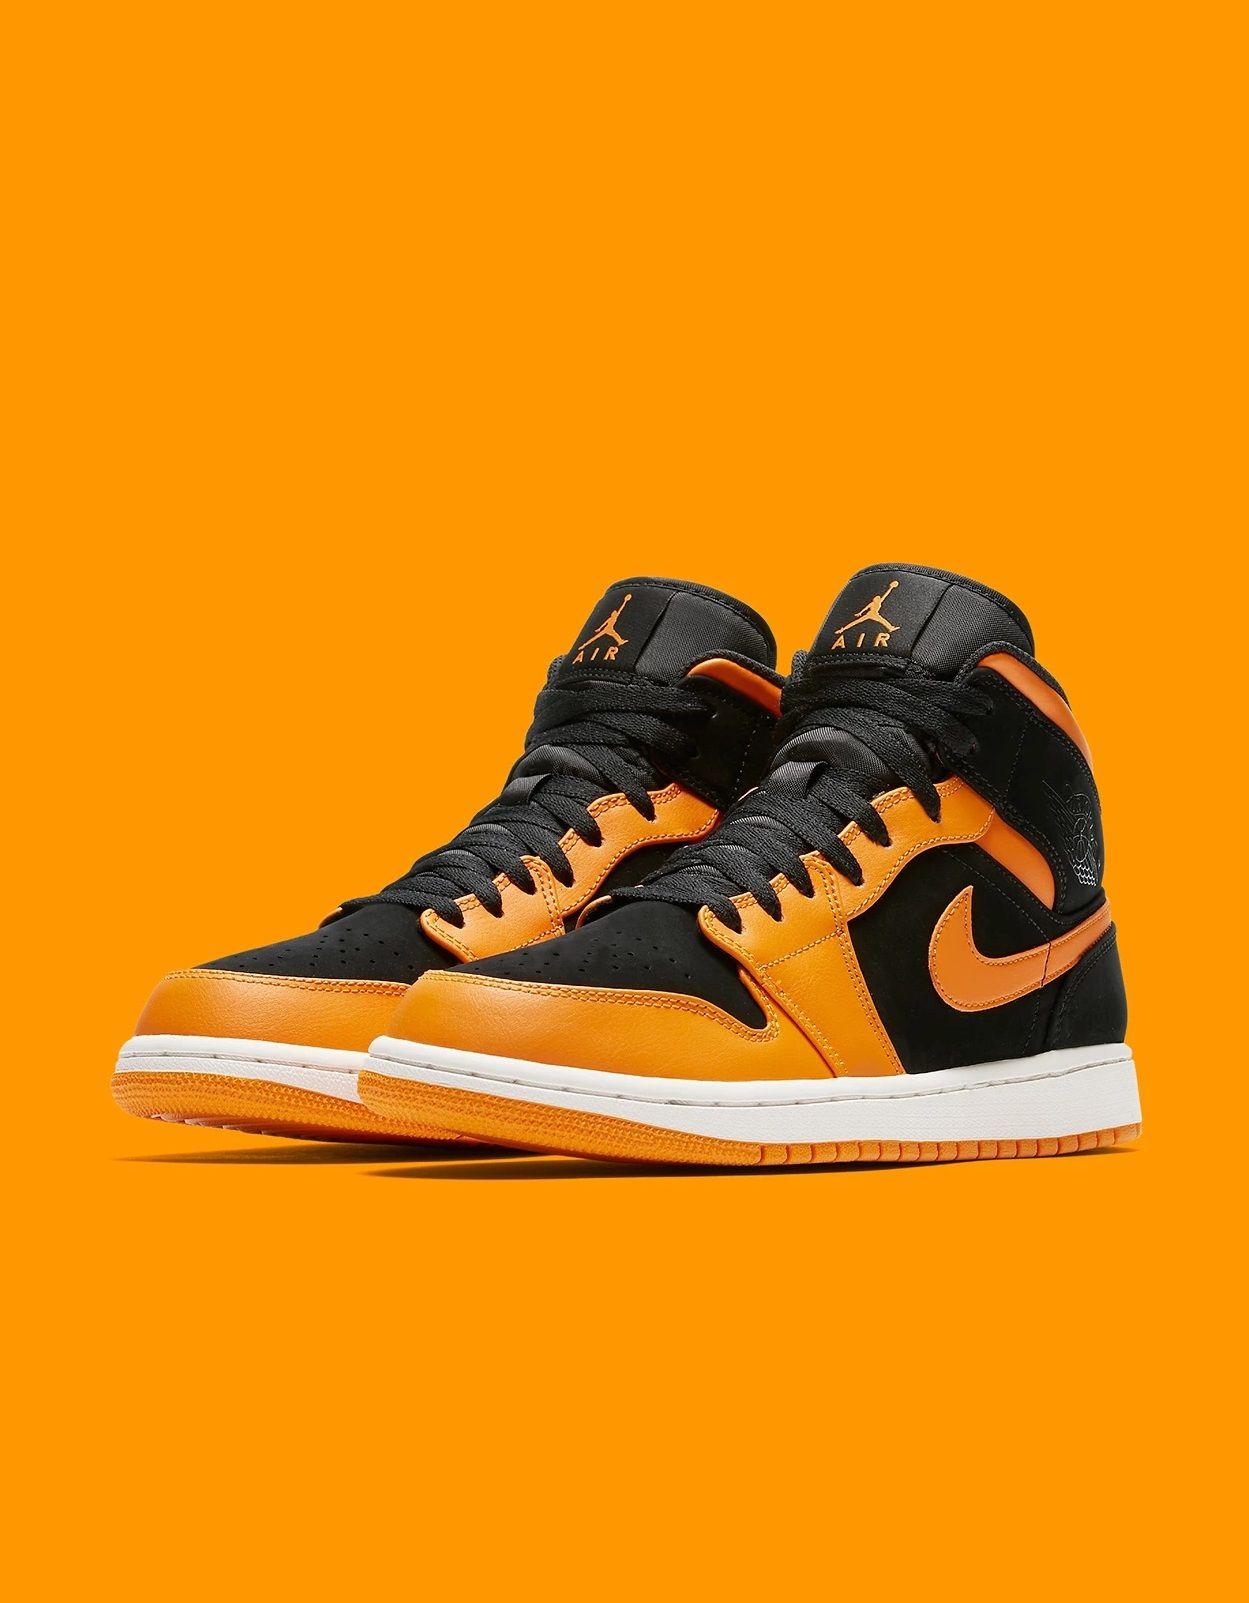 de1e0d12cdc Nike Air Jordan 1